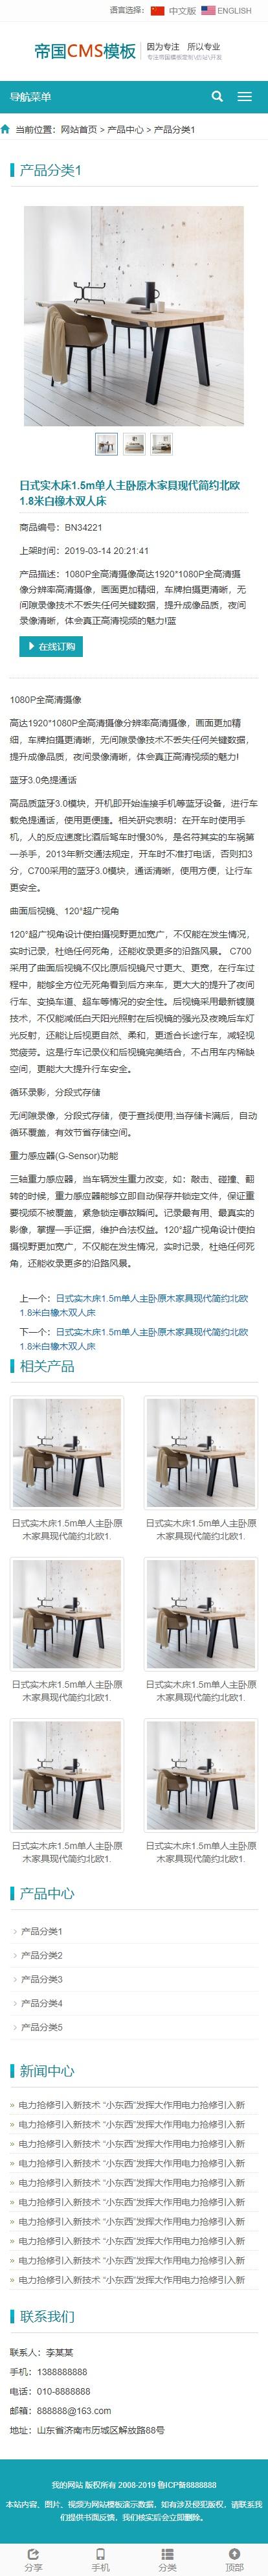 帝国cms模板之公司企业中英文双语版自适应响应式手机网站模板_手机版产品内容页